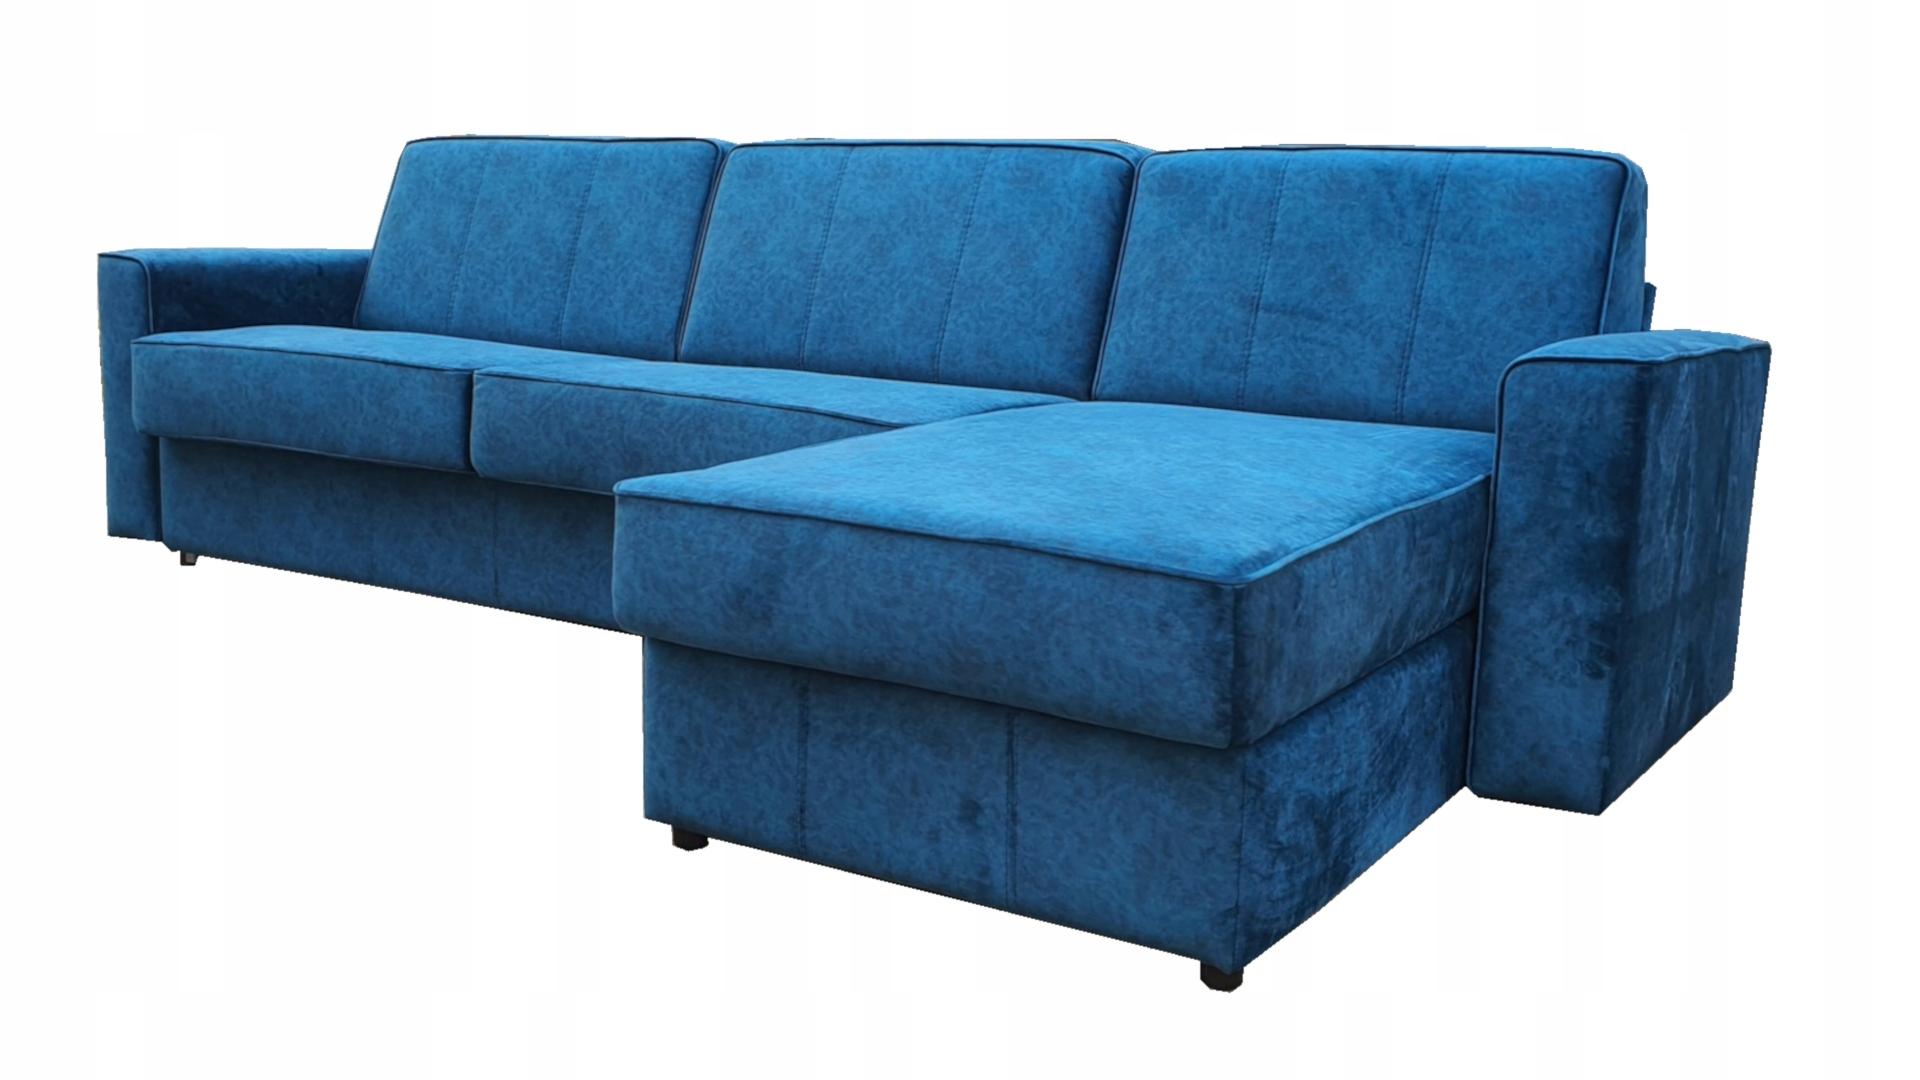 Уголок MAYLO итальянская система BED novabed 140x200